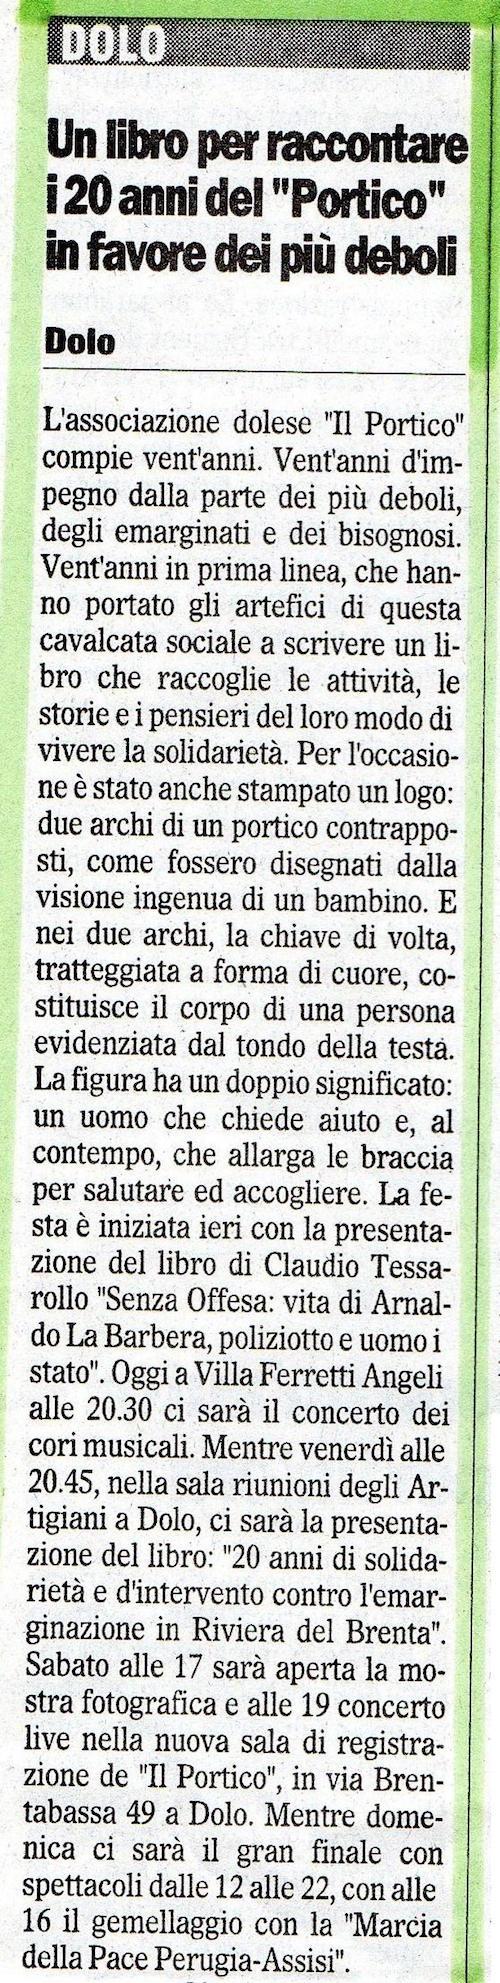 2005.09.08 Il Gazzettino di Venezia (p. 9)